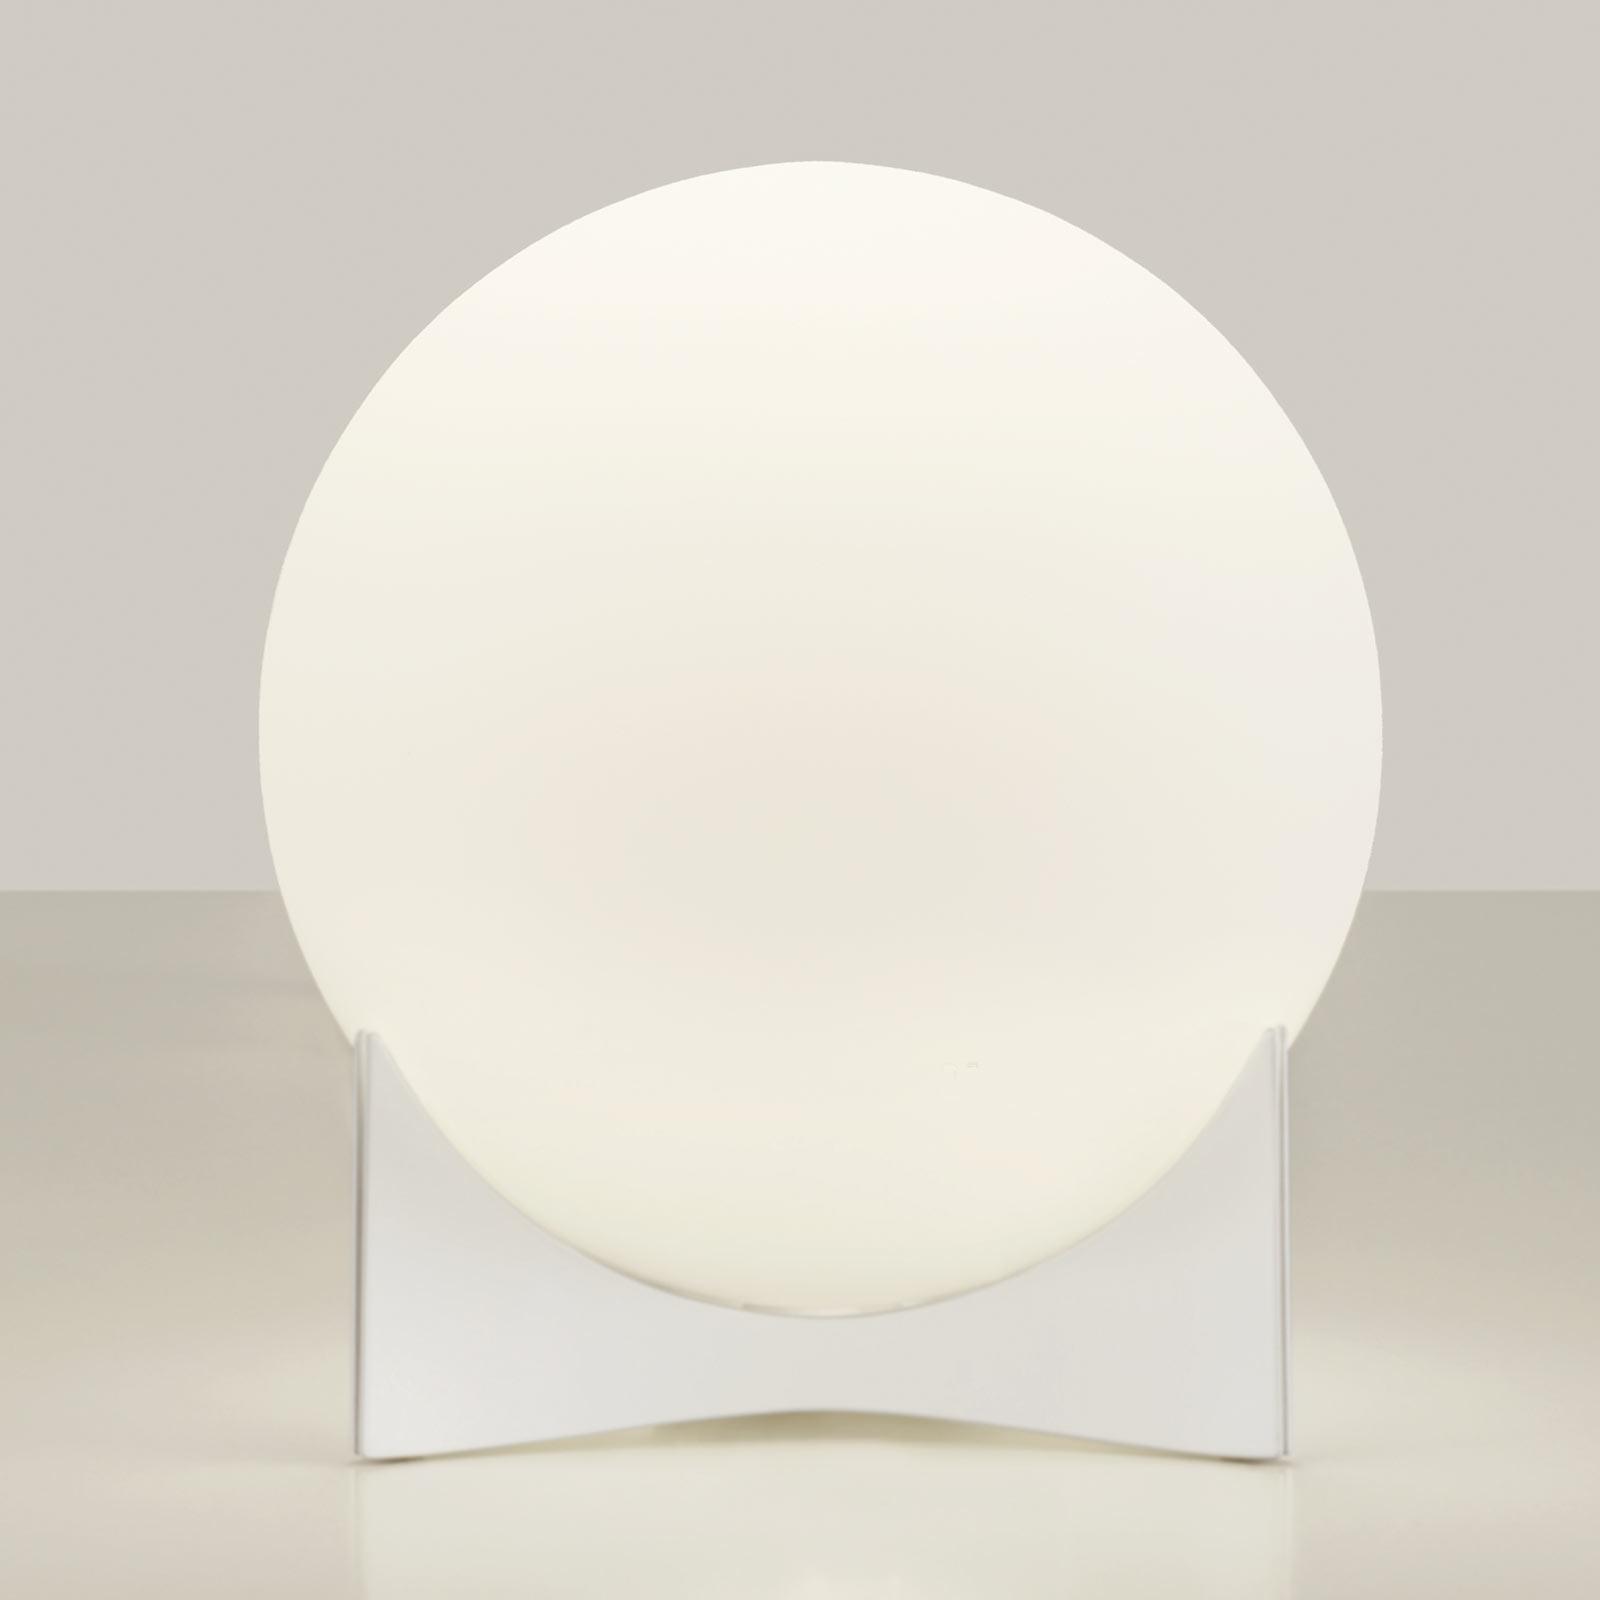 Terzani Oscar lampe à poser en verre, blanche